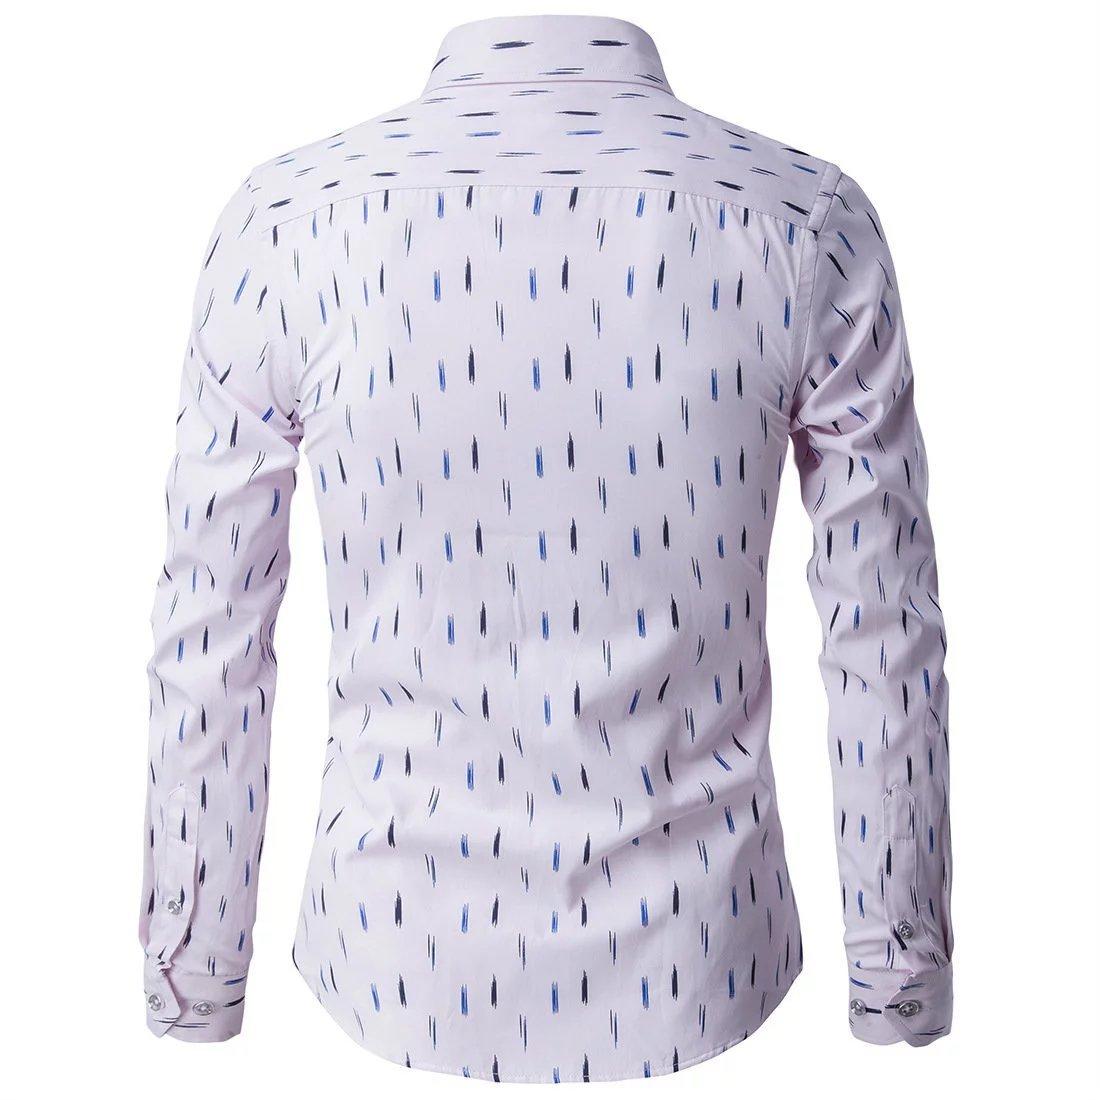 Kmety Mens Youth Printed Long-Sleeved Shirt